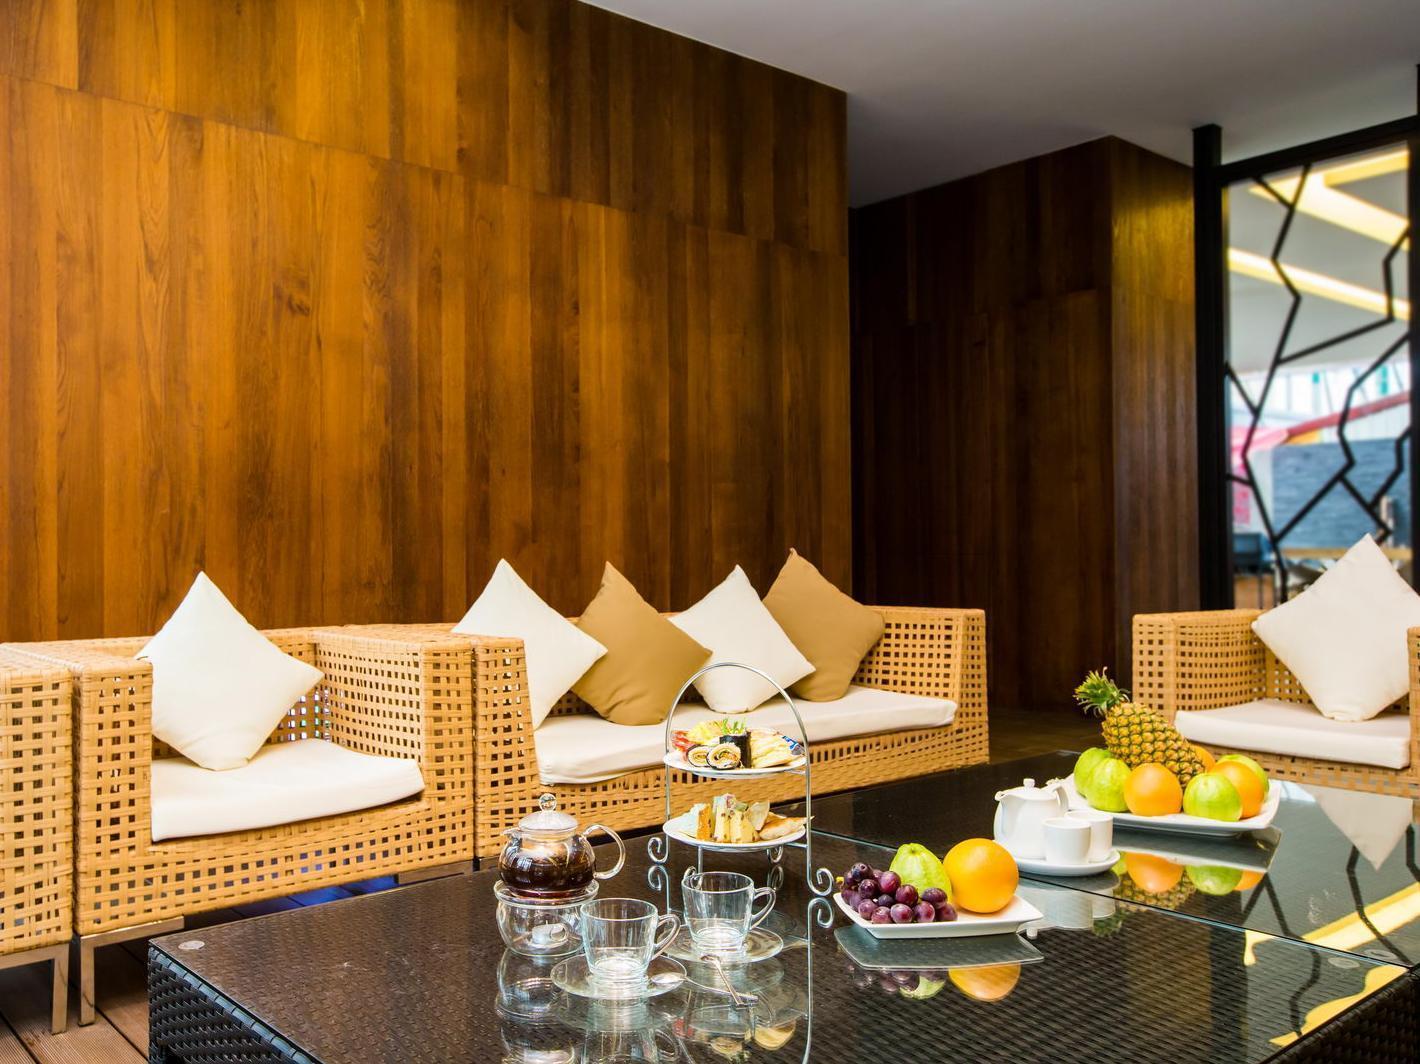 南投縣力麗哲園 - 日潭館 (Lealea Garden Hotels-Sun Moon Lake- Sun)真實住客評鑑&超殺特惠